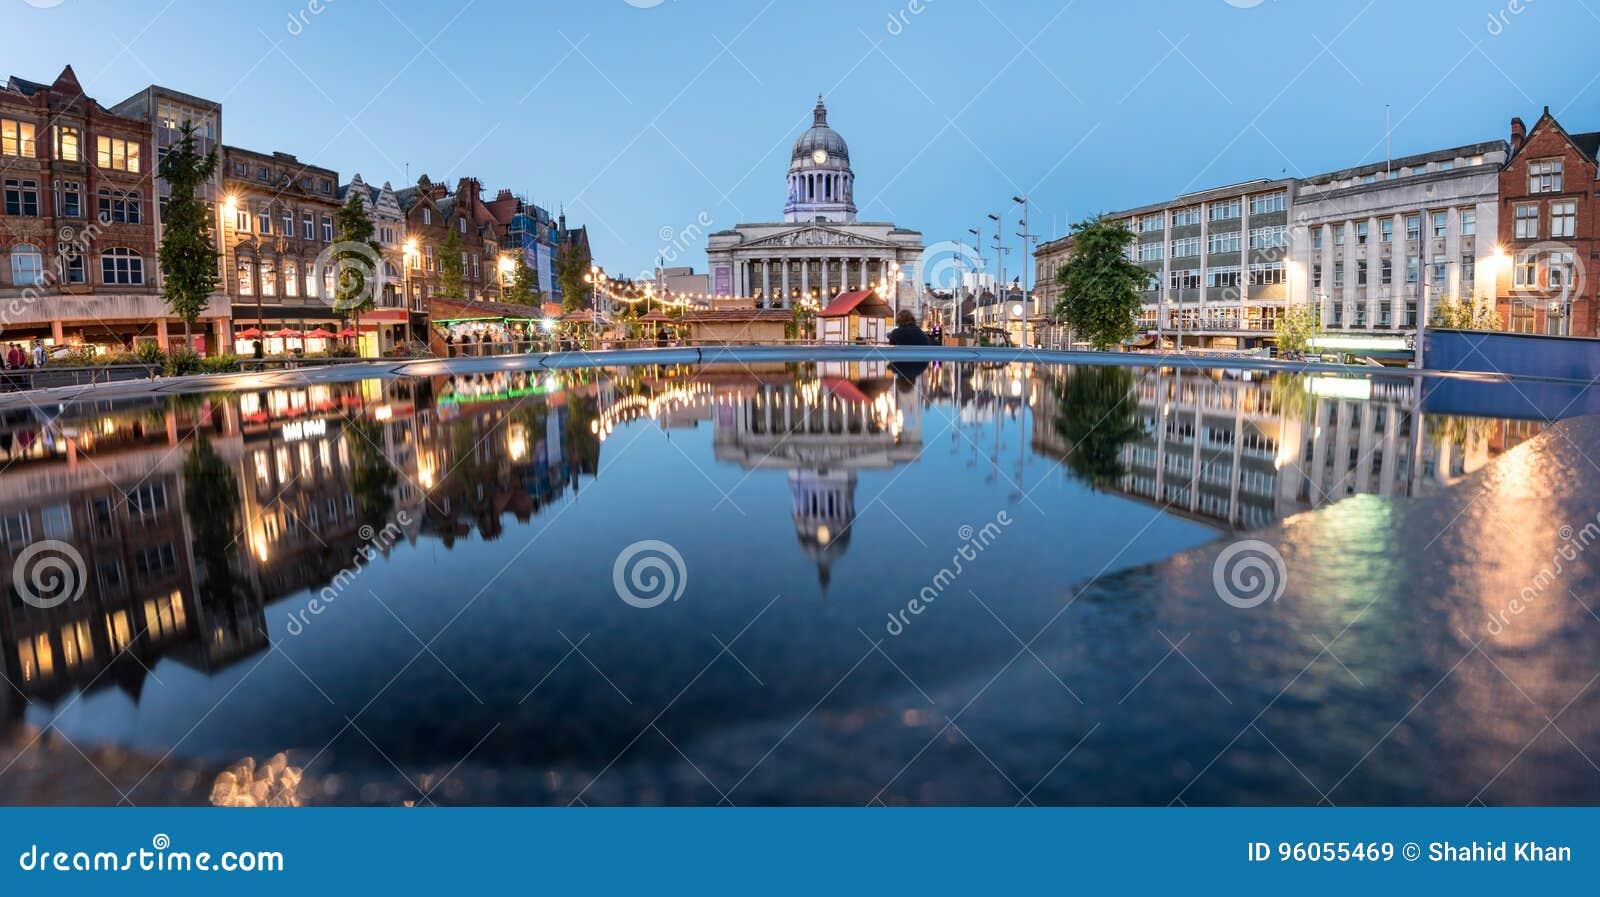 Δημαρχείο Αγγλία του Νόττιγχαμ